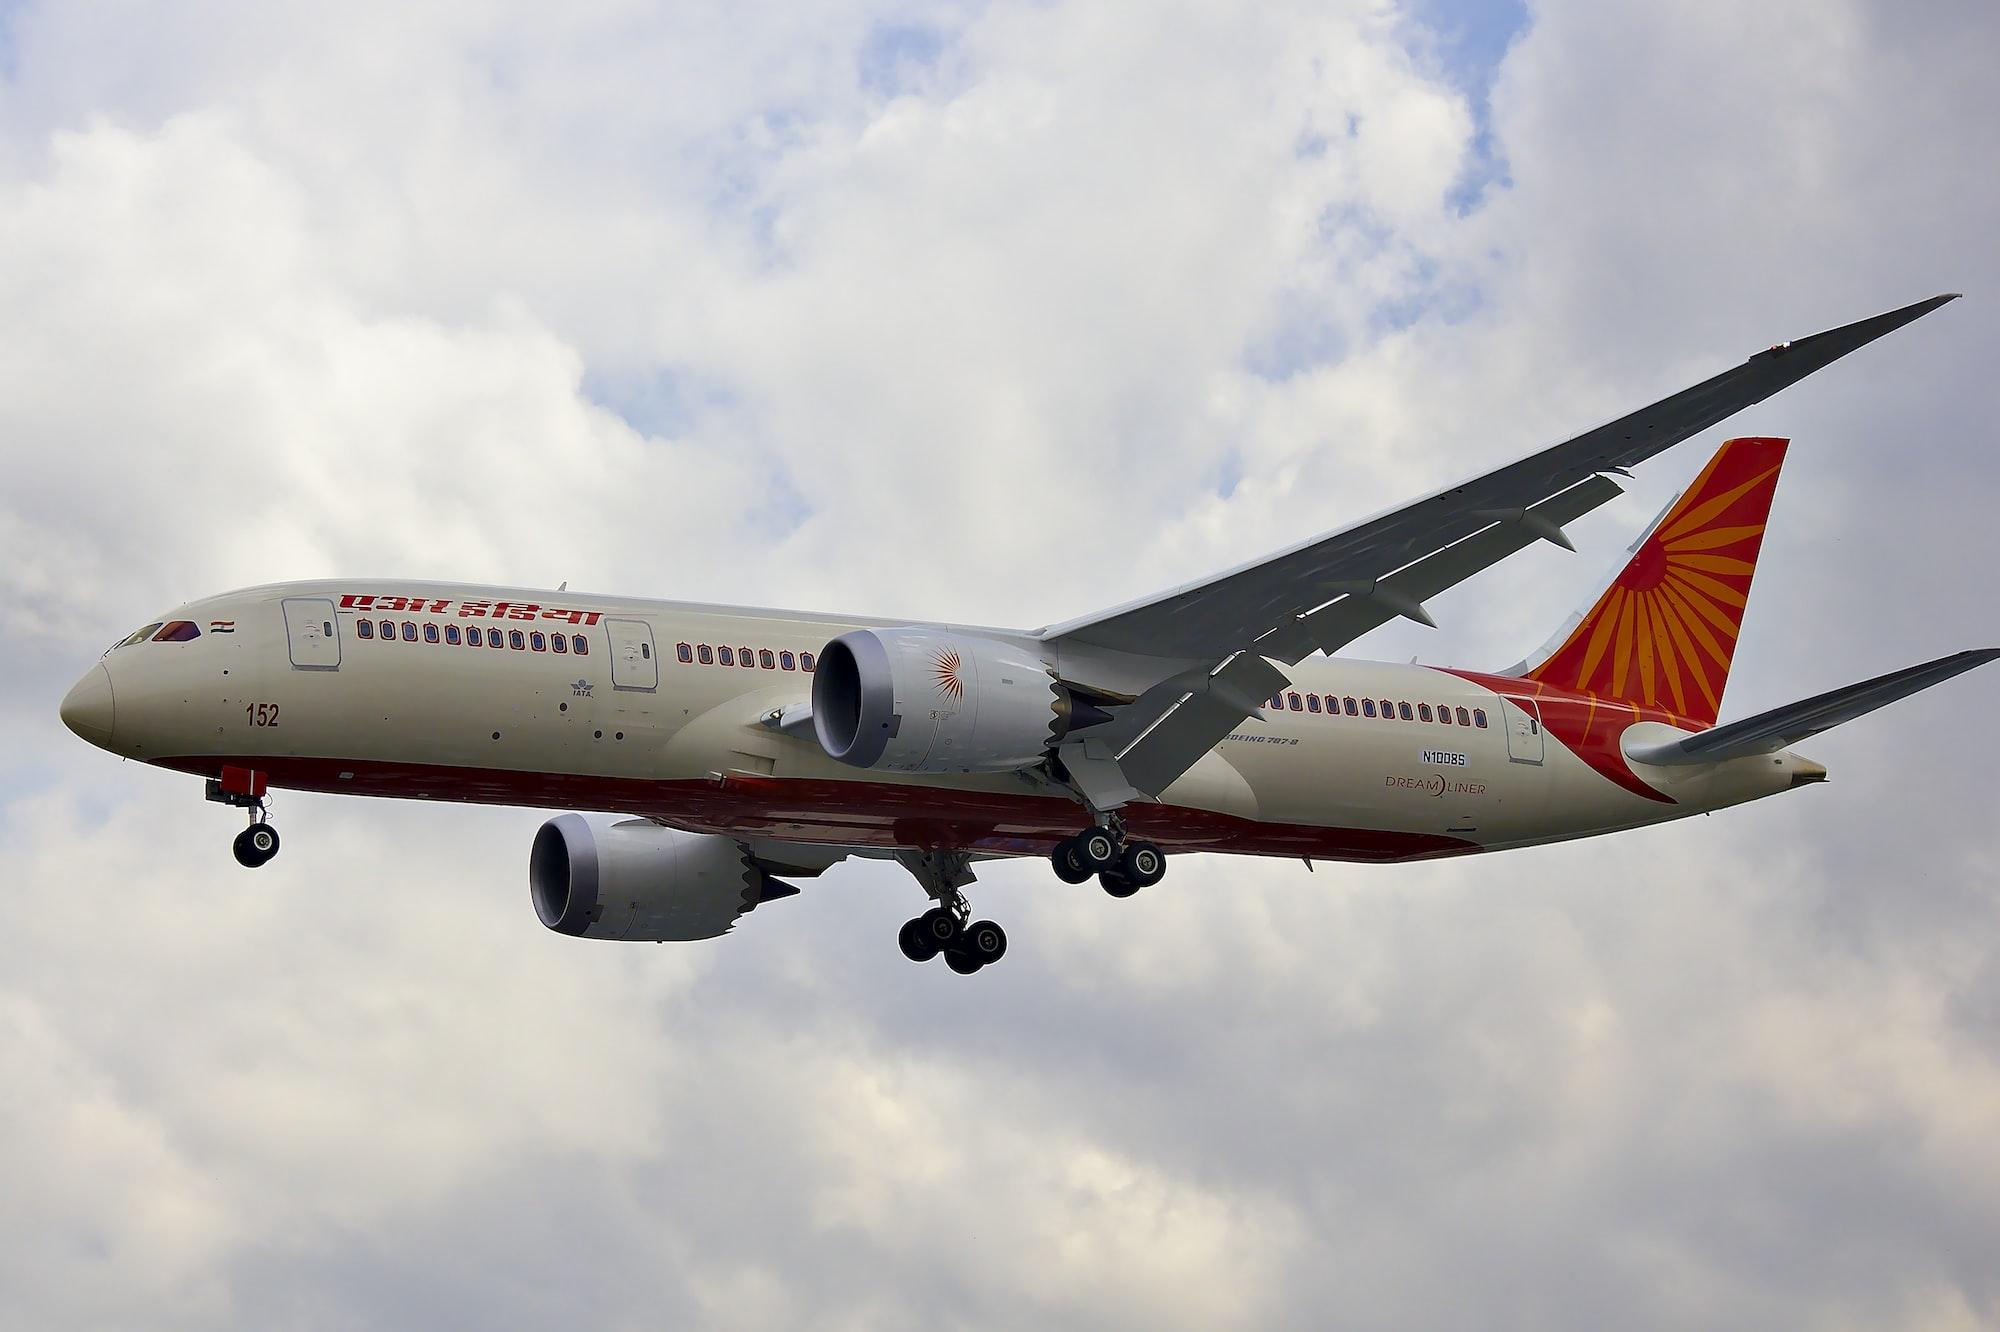 एएसए में बदलाव से भारत व विदेशी एयरलाइंस दोनों को फायदे की उम्मीद